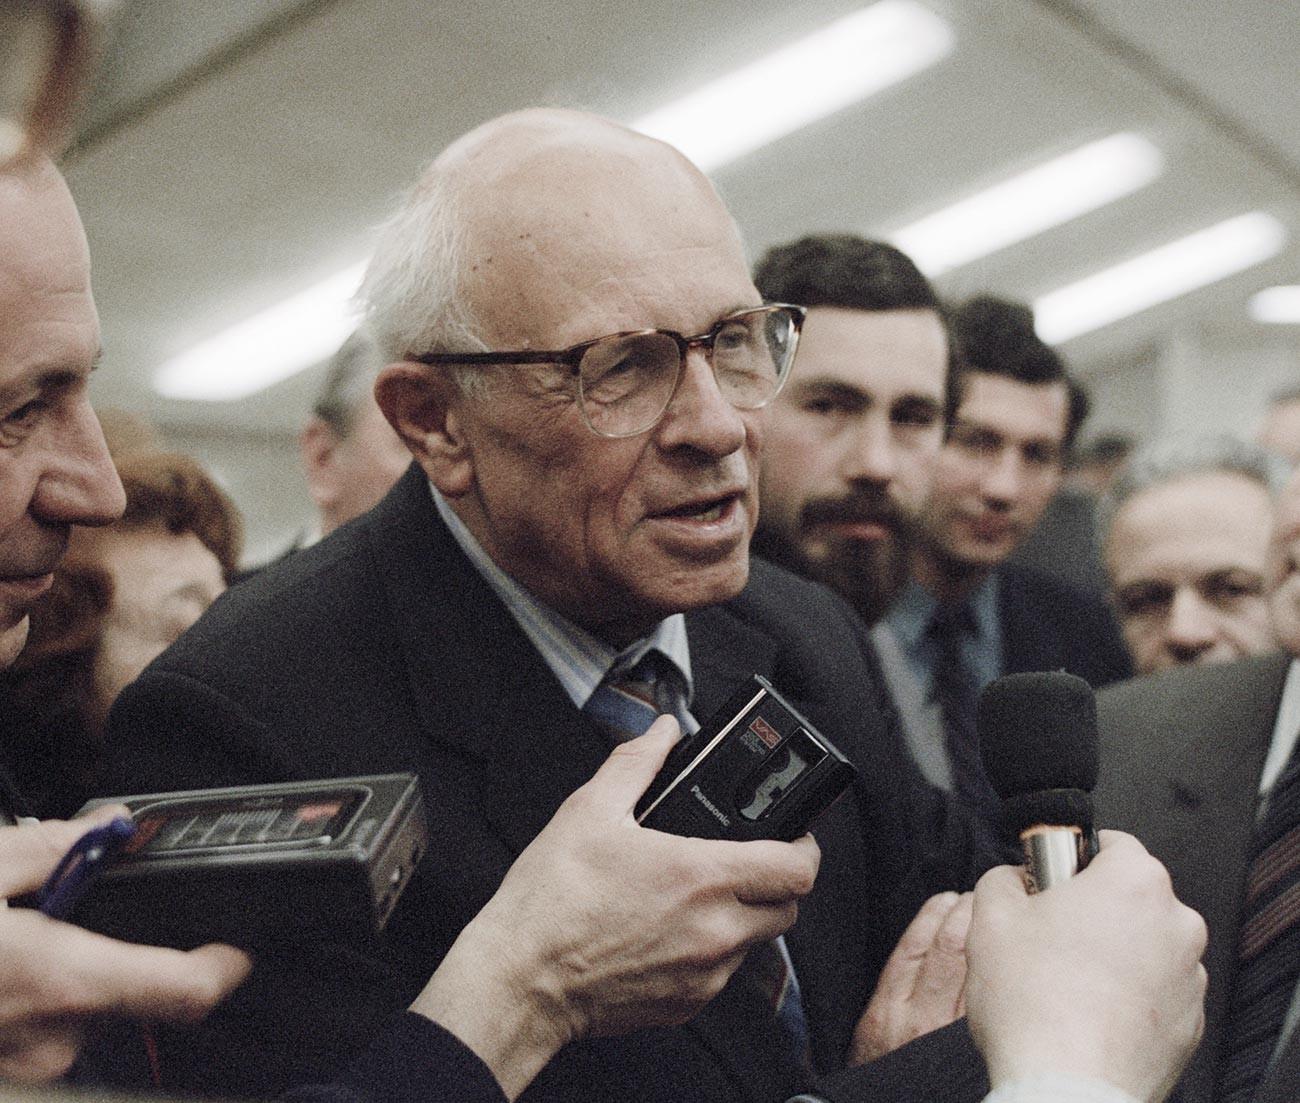 Akademiker Andrei Sacharow gibt ein Interview auf einer Konferenz der Akademie der Wissenschaften der UdSSR.